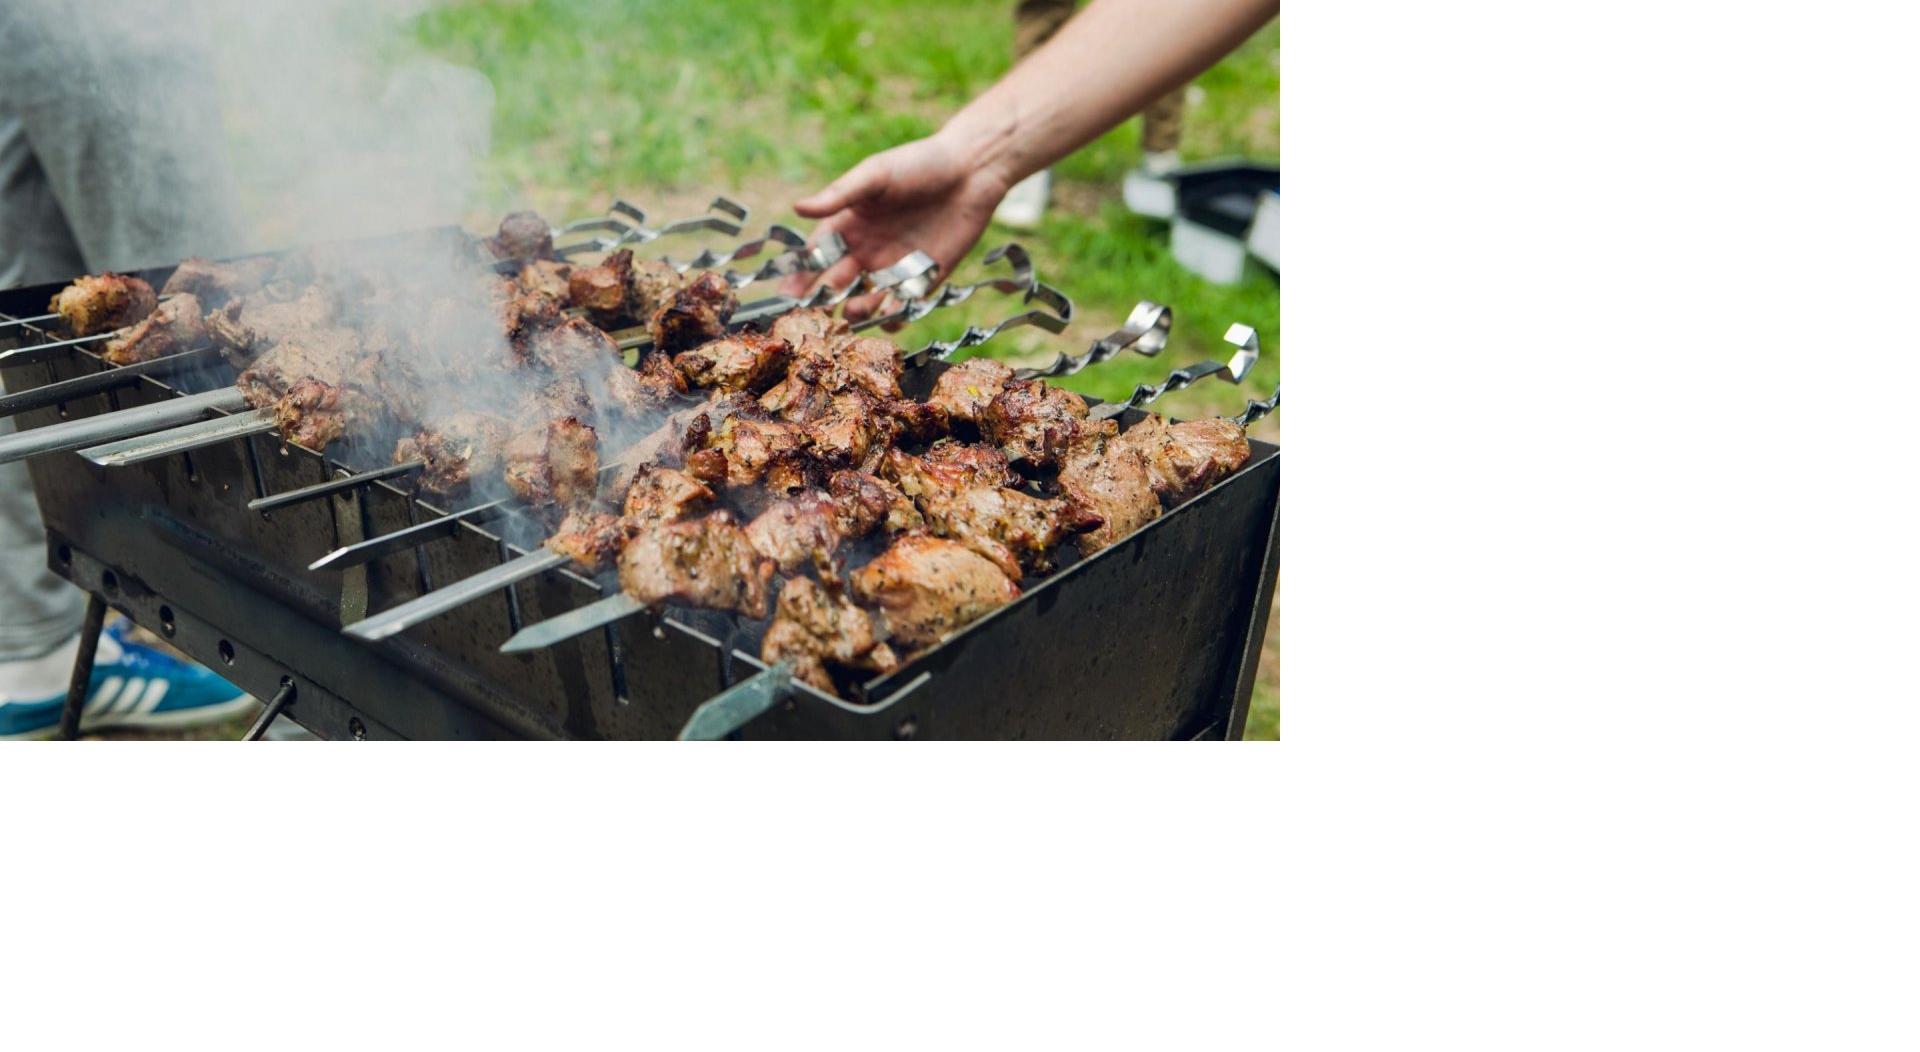 Уксус - нельзя: чепчанам рассказали, какой рецепт шашлыка испортит вкус мяса